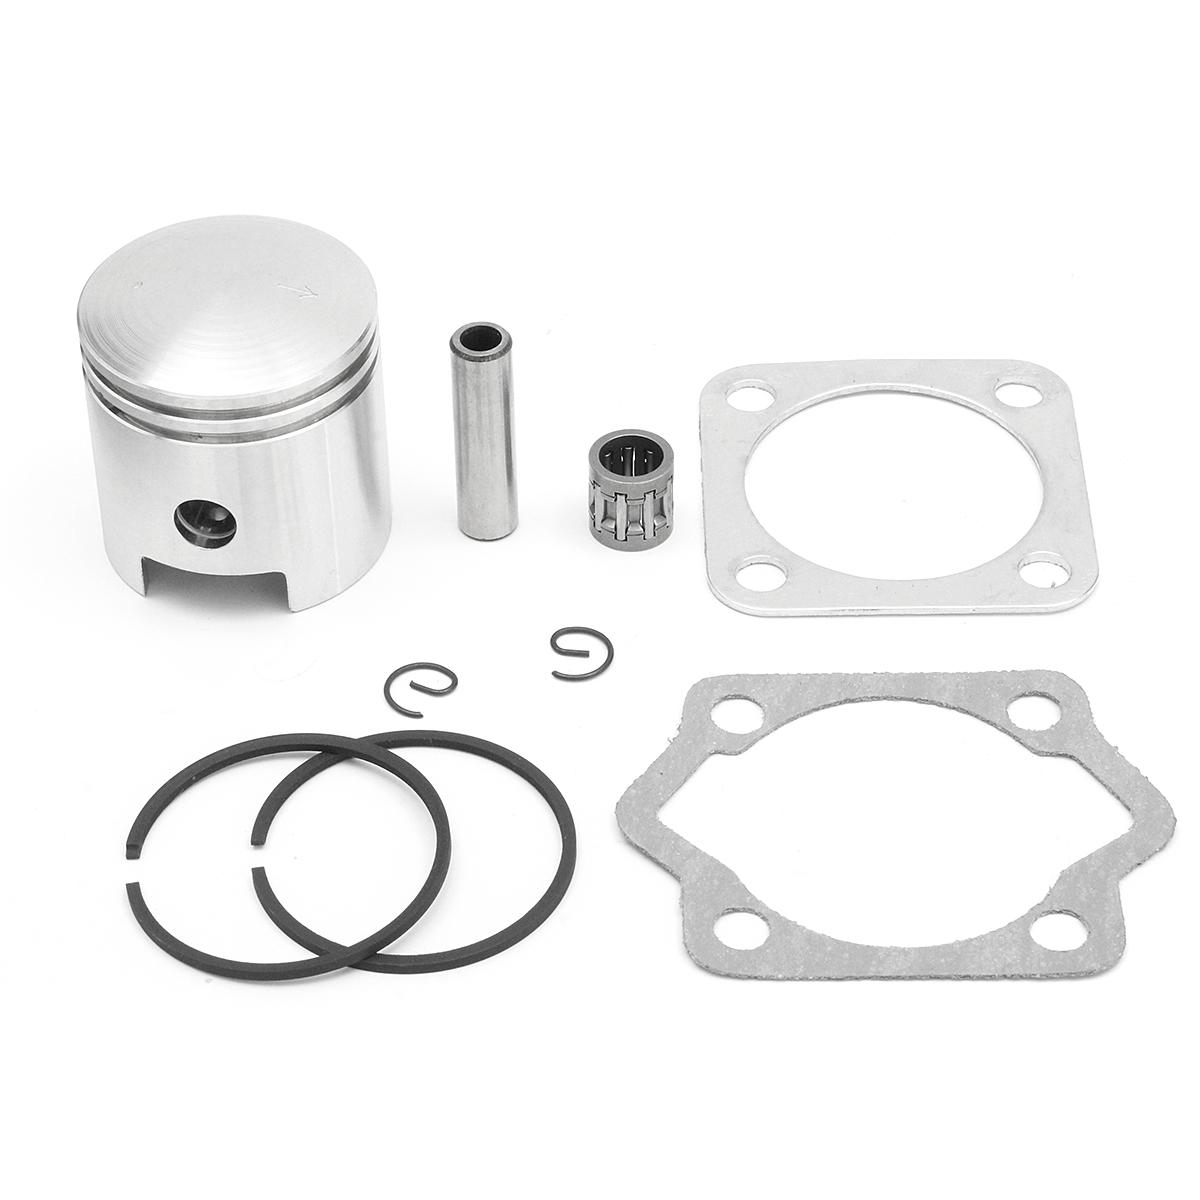 Универсальные поршневые кольца прокладок цилиндров Комплект двигателя для 2-тактного двигателя 80cc двигателя